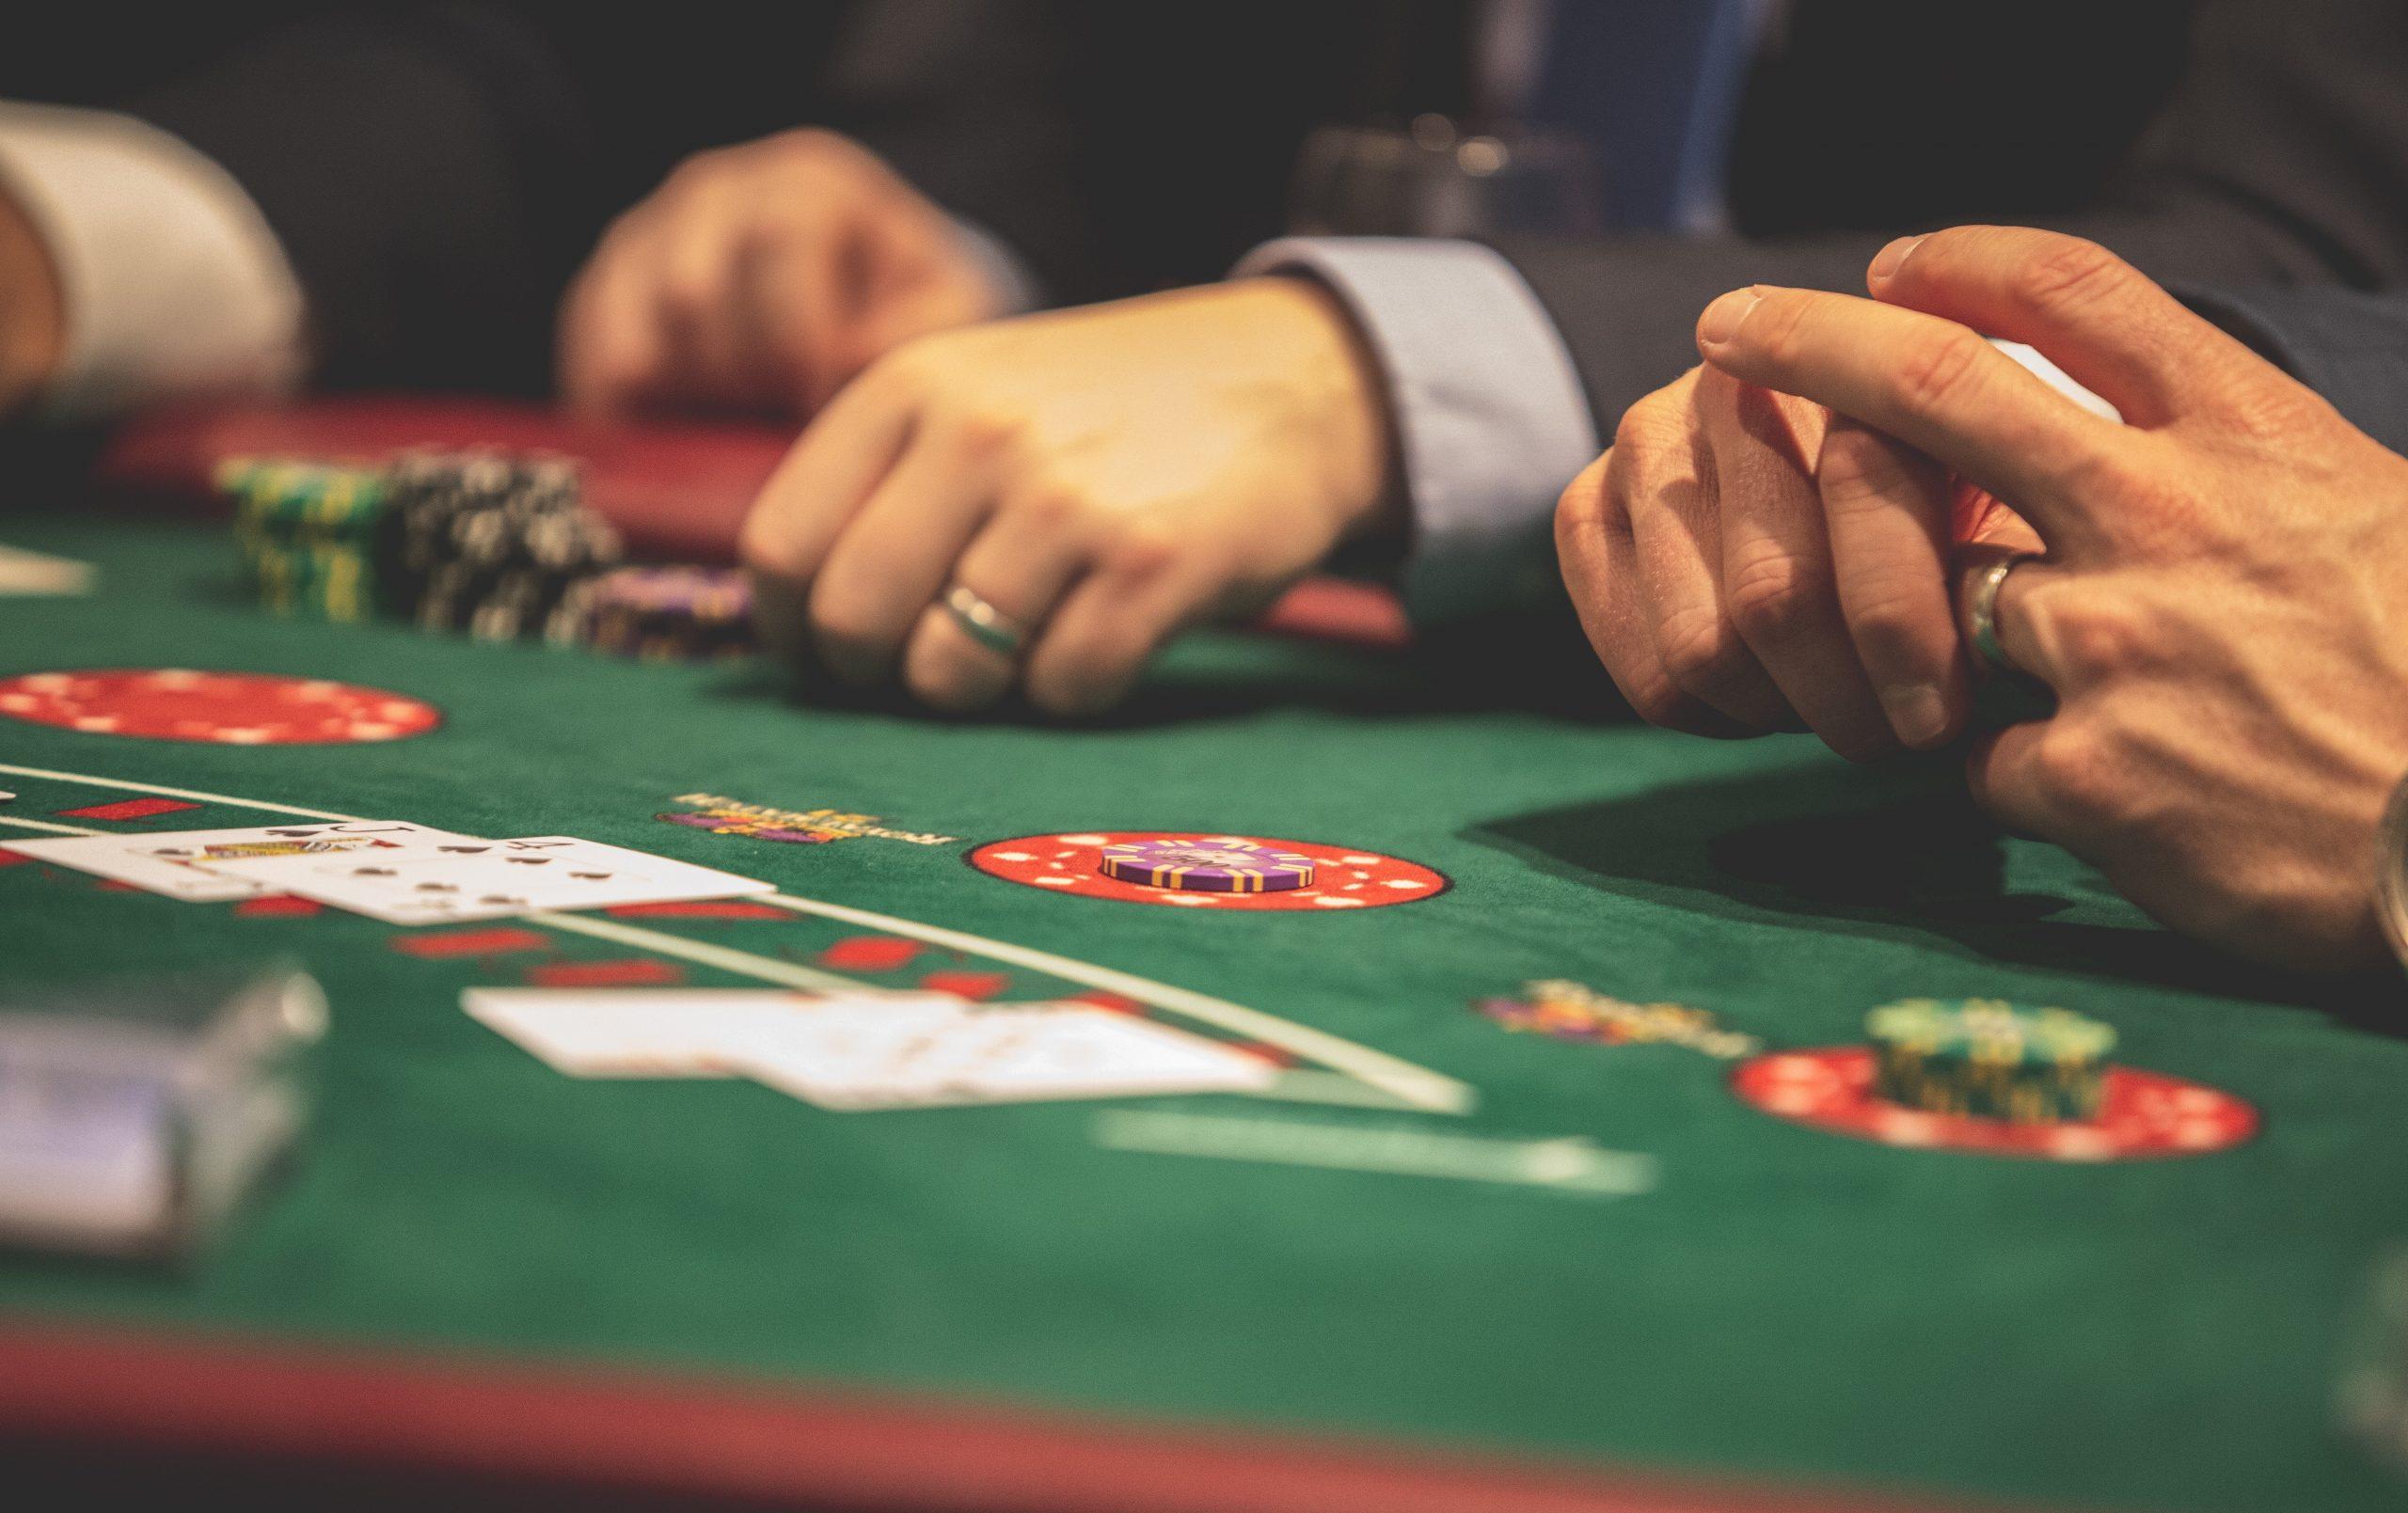 Juegos de poker. Partida